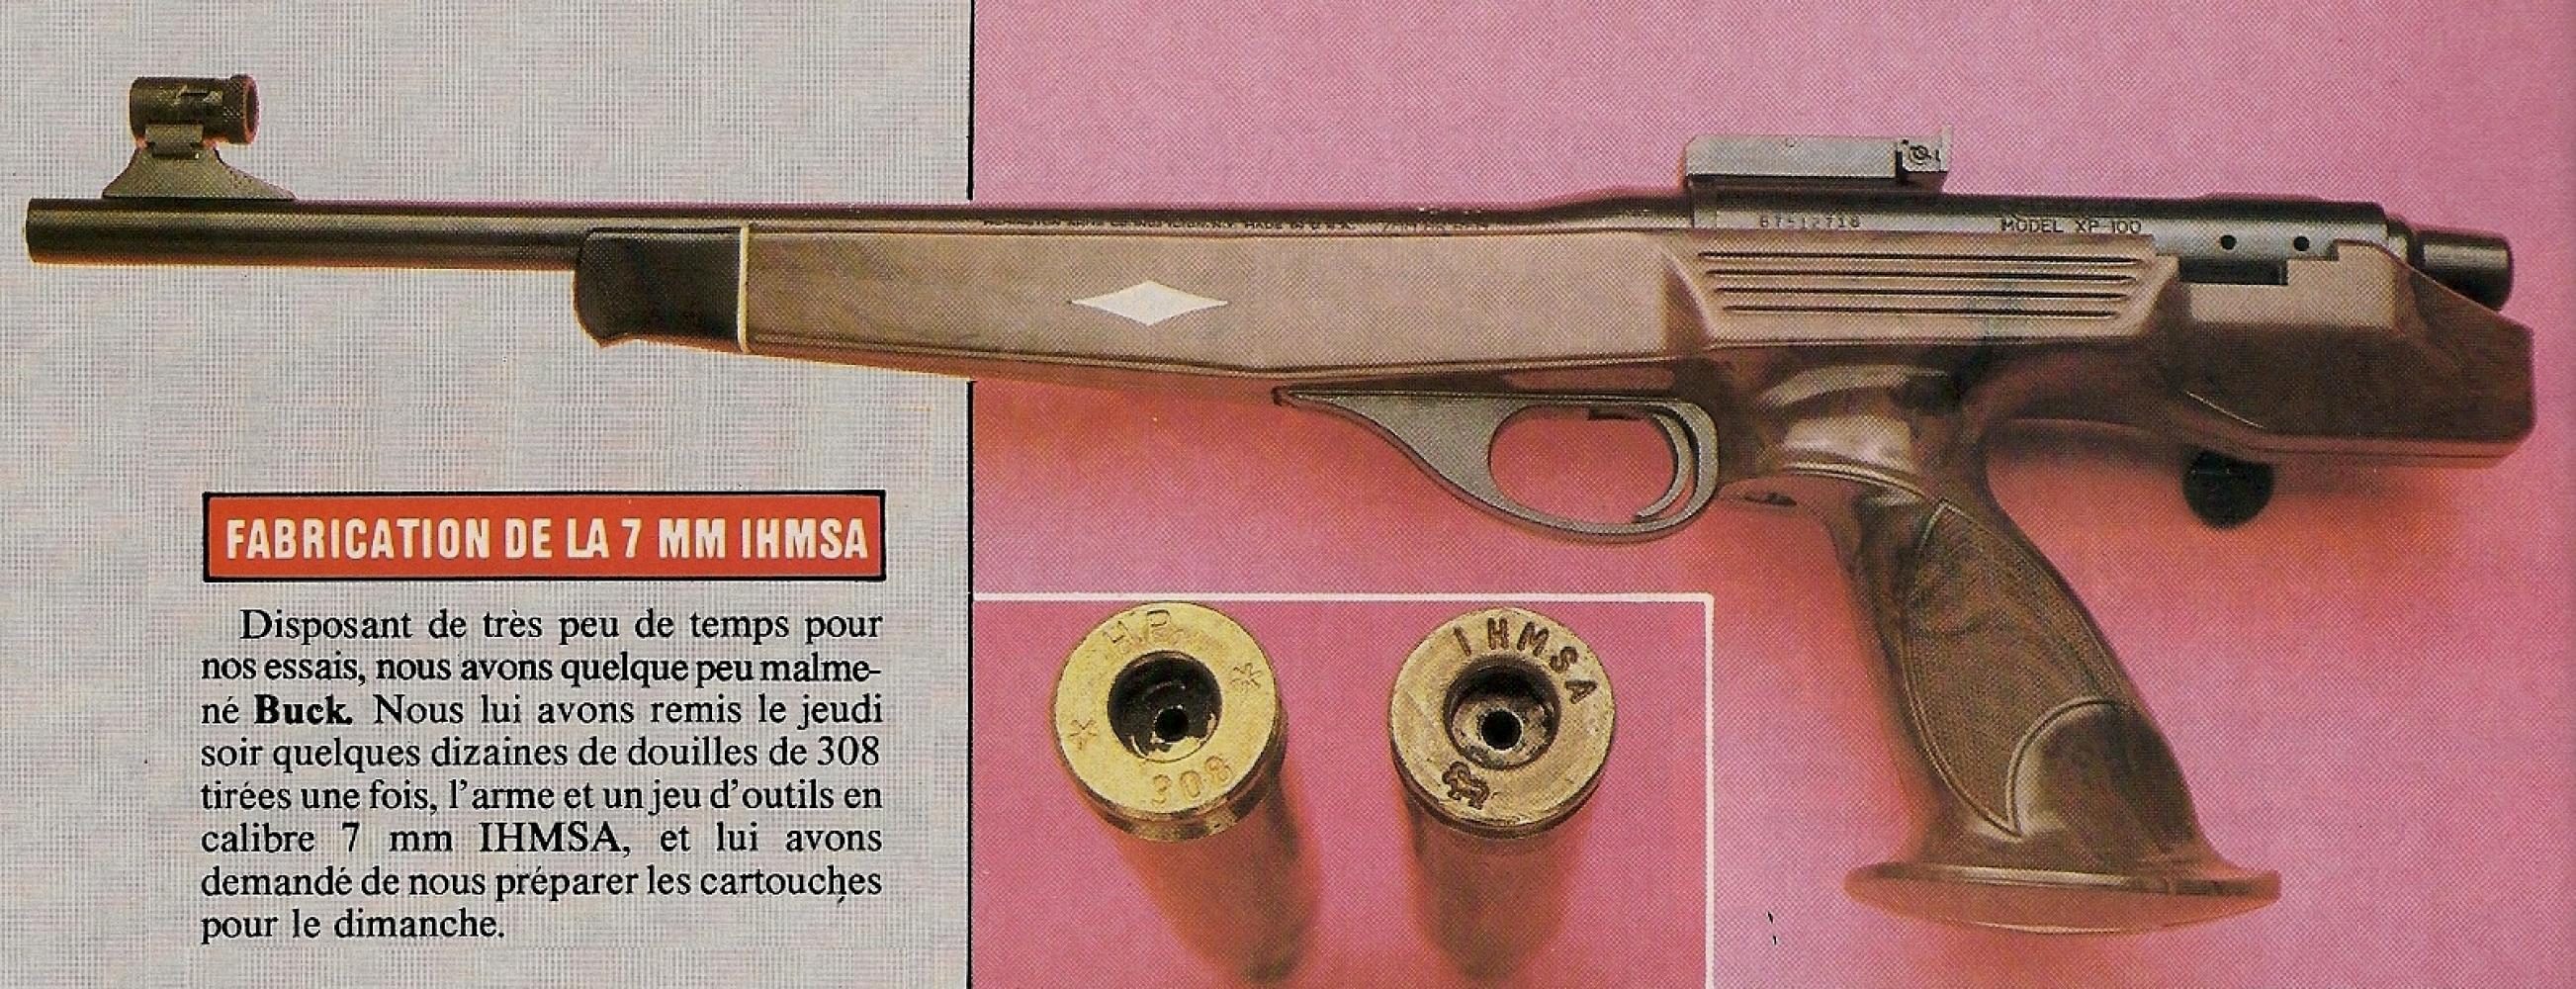 L'arme que nous testons a été rechambrée en calibre 7 mm IHMSA , un « Wildcat » élaboré à partir d'une douille de .308 Winchester.